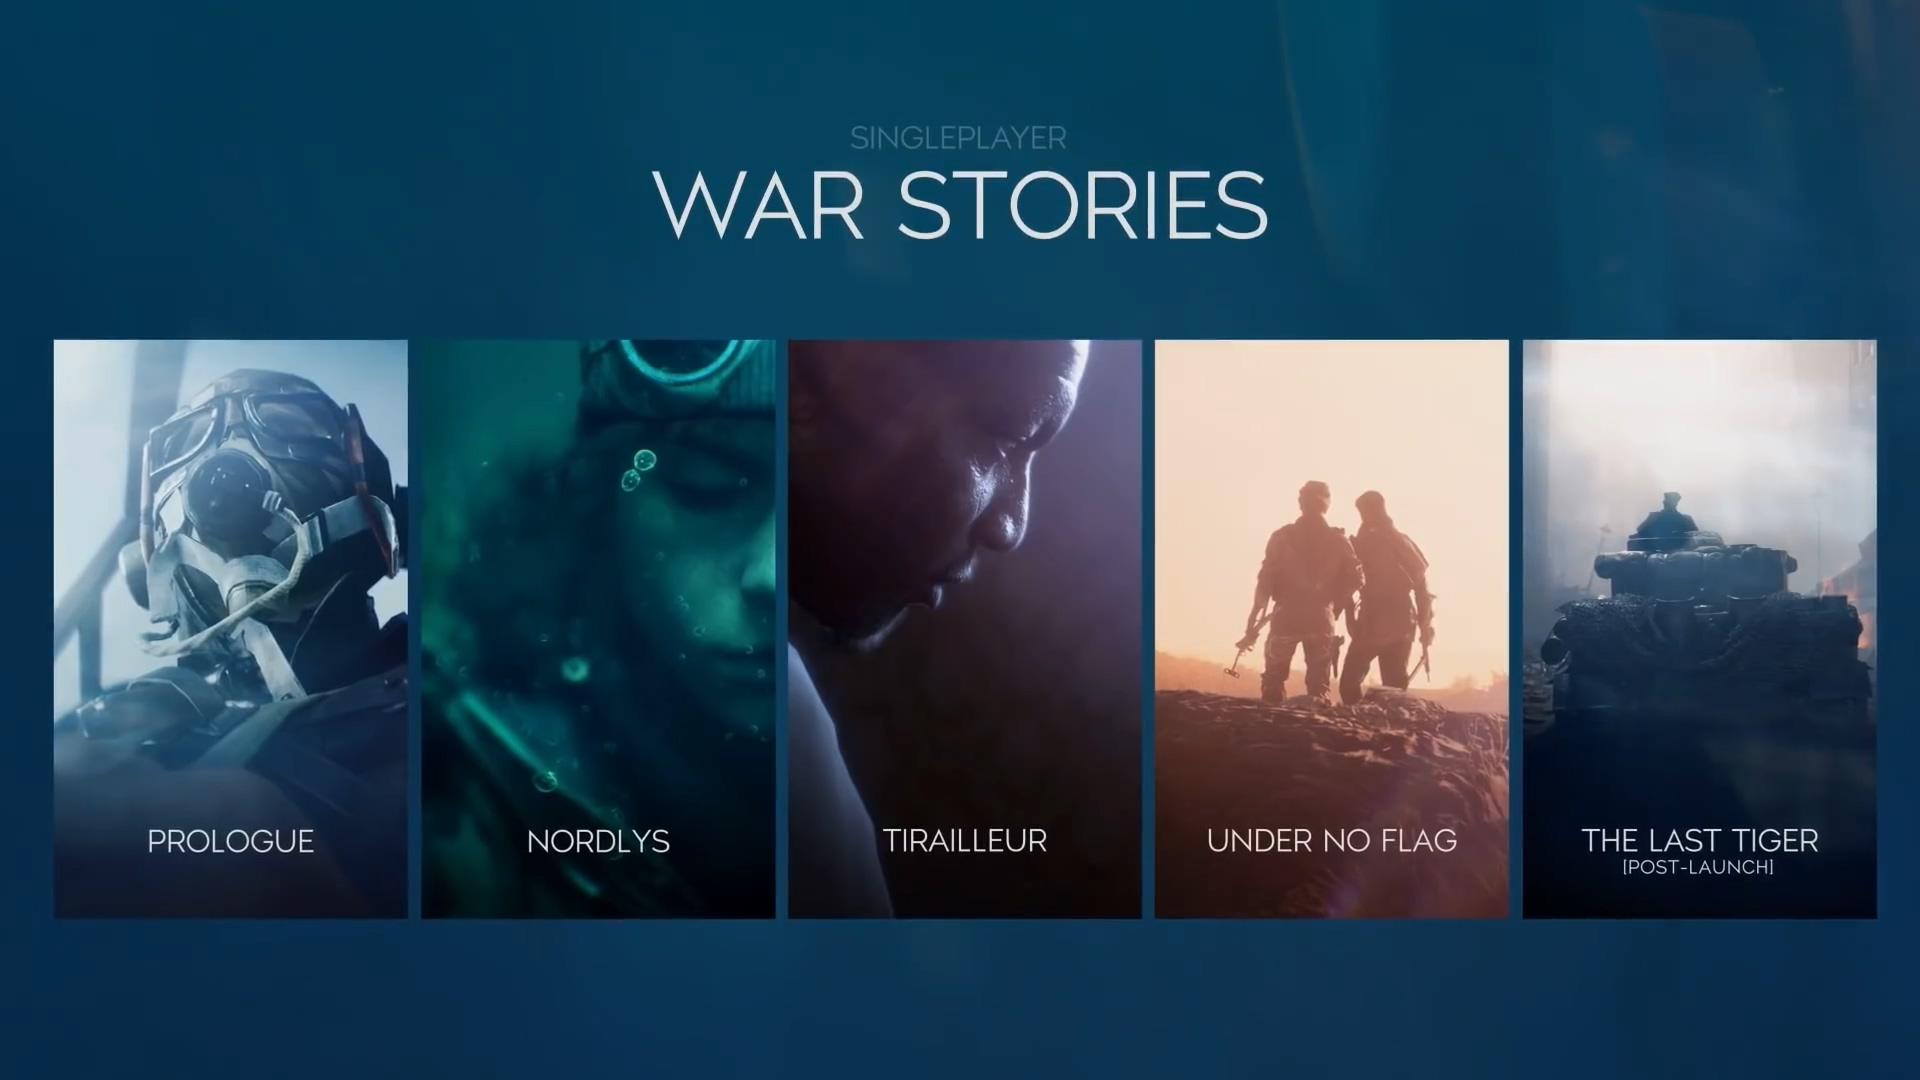 《战地5》单人战役新预告即将到来